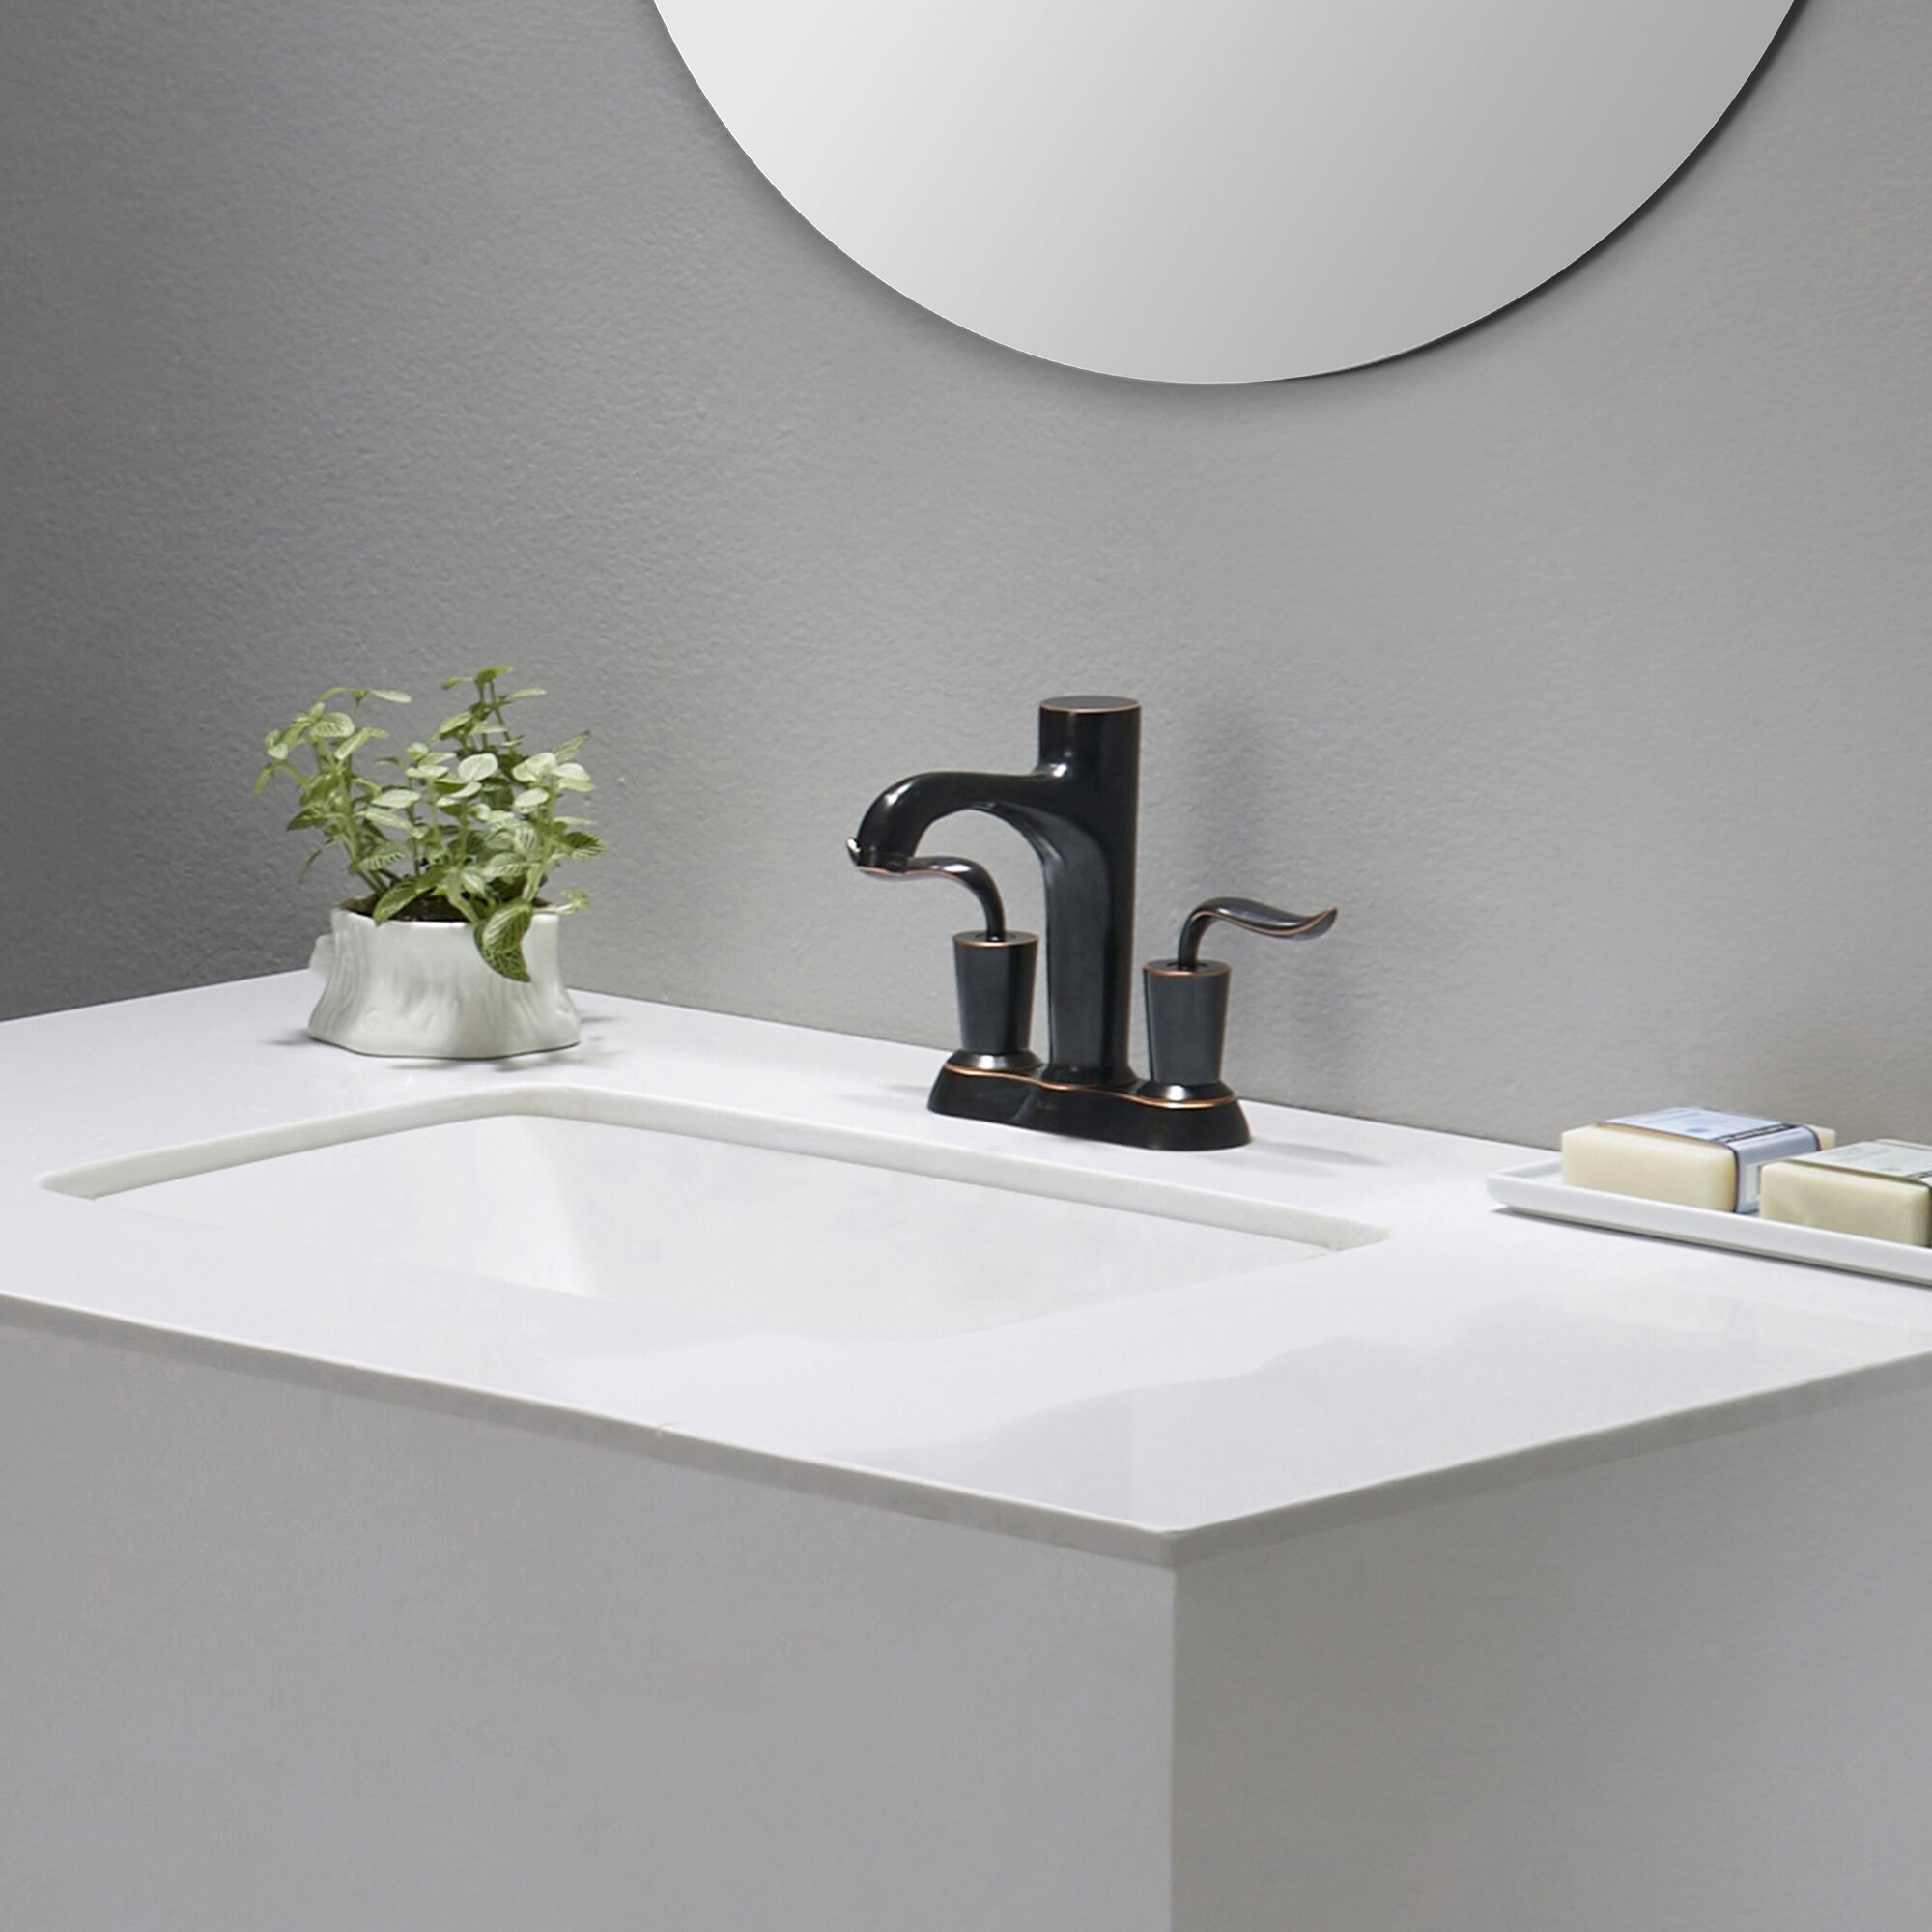 k caxton undermount sink 17 by 14 inches kohler bathroom sink overflow kraisee com